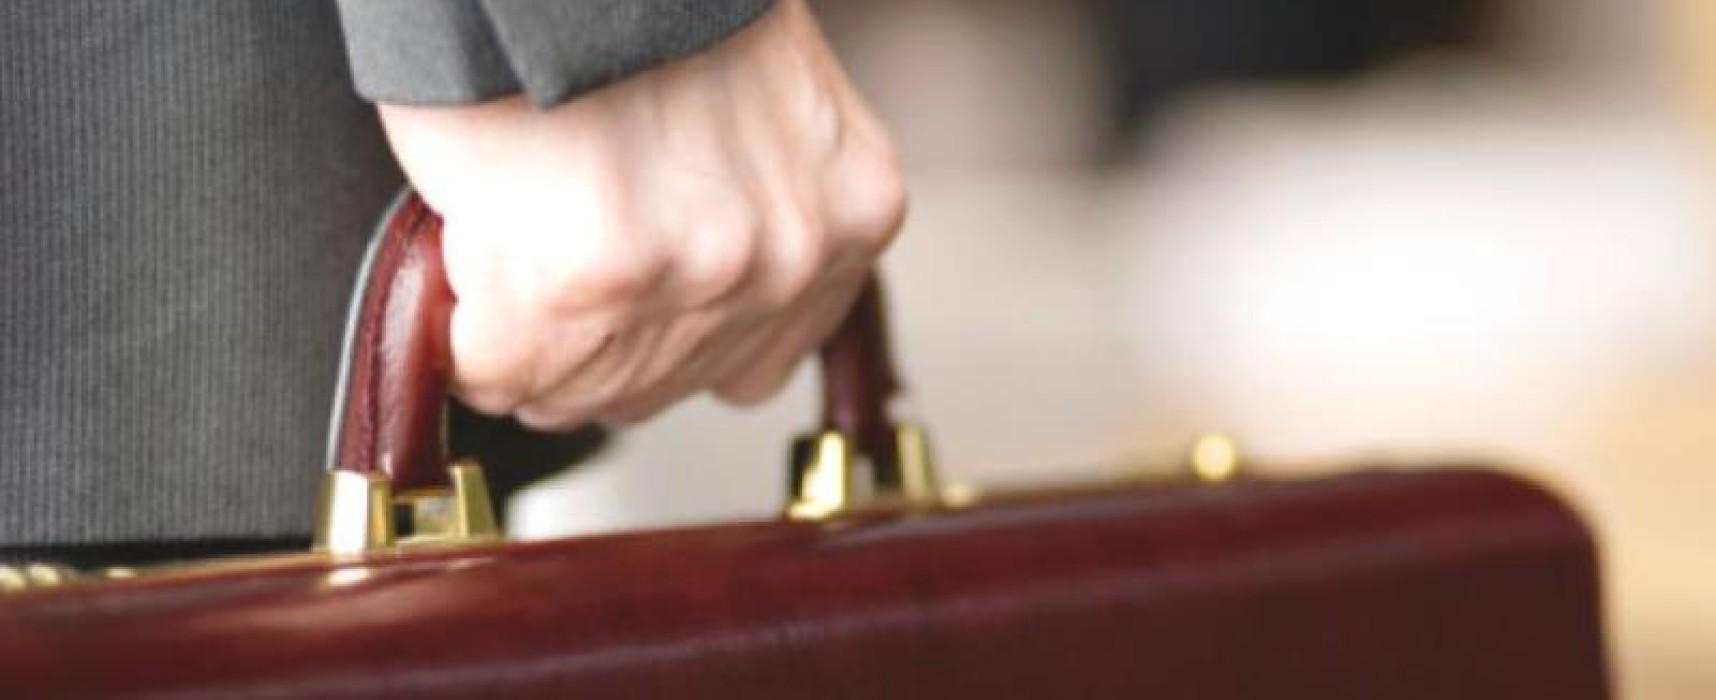 Надбавка к заработной плате муниципальных служащих за присвоение классного чина